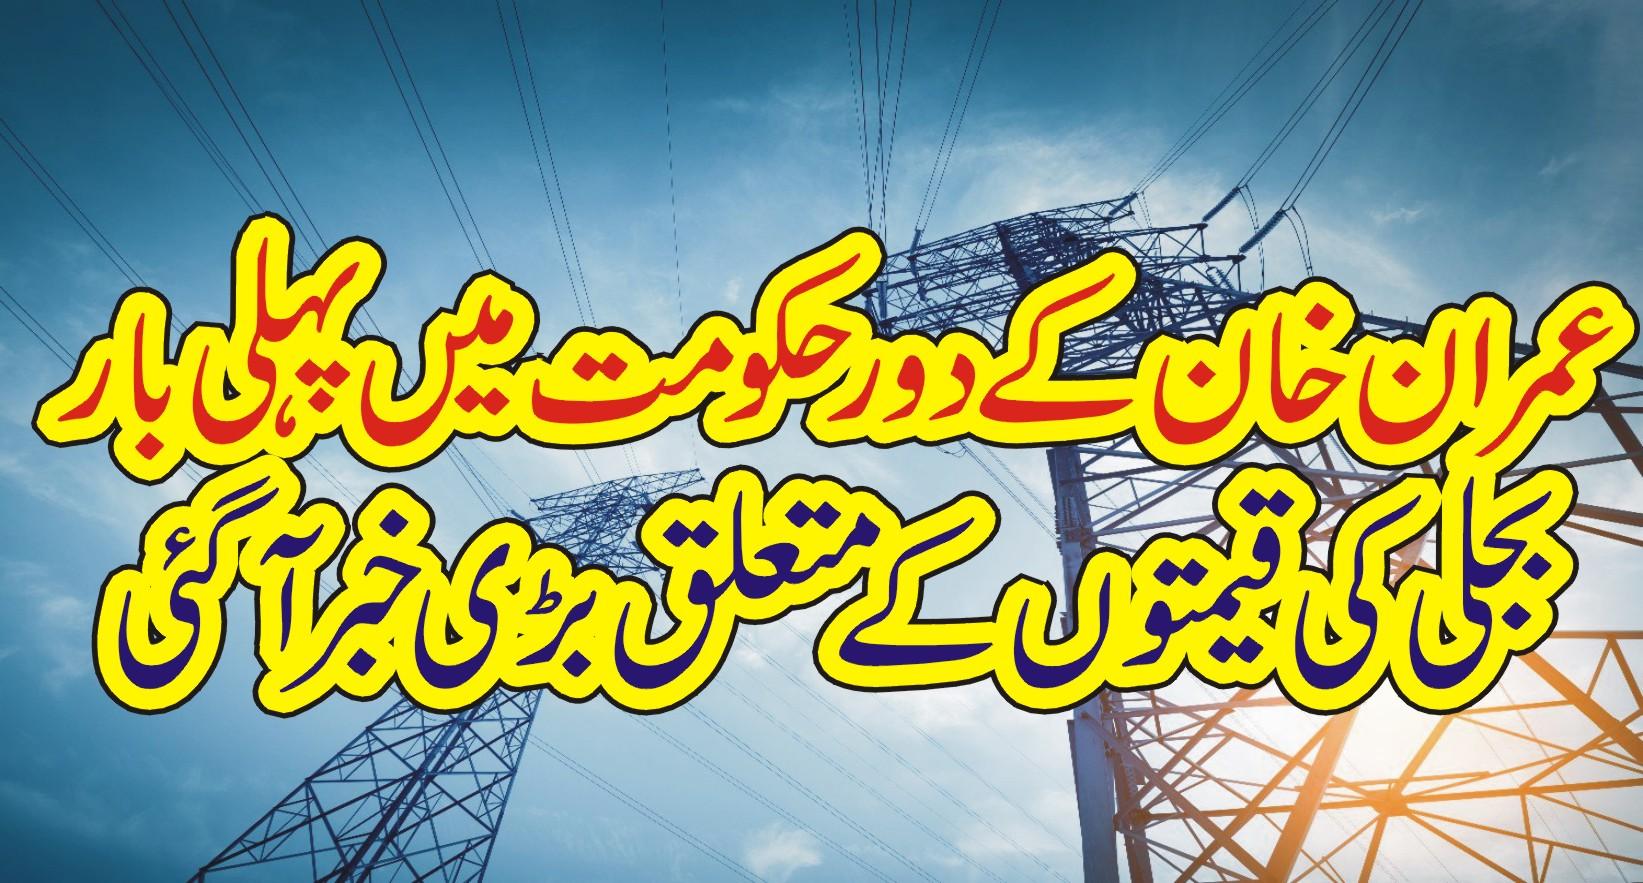 عمران خان کے دور حکومت میں پہلی بار بجلی کی قیمتوں کے متعلق بڑی خبر آ گئی ۔۔۔،